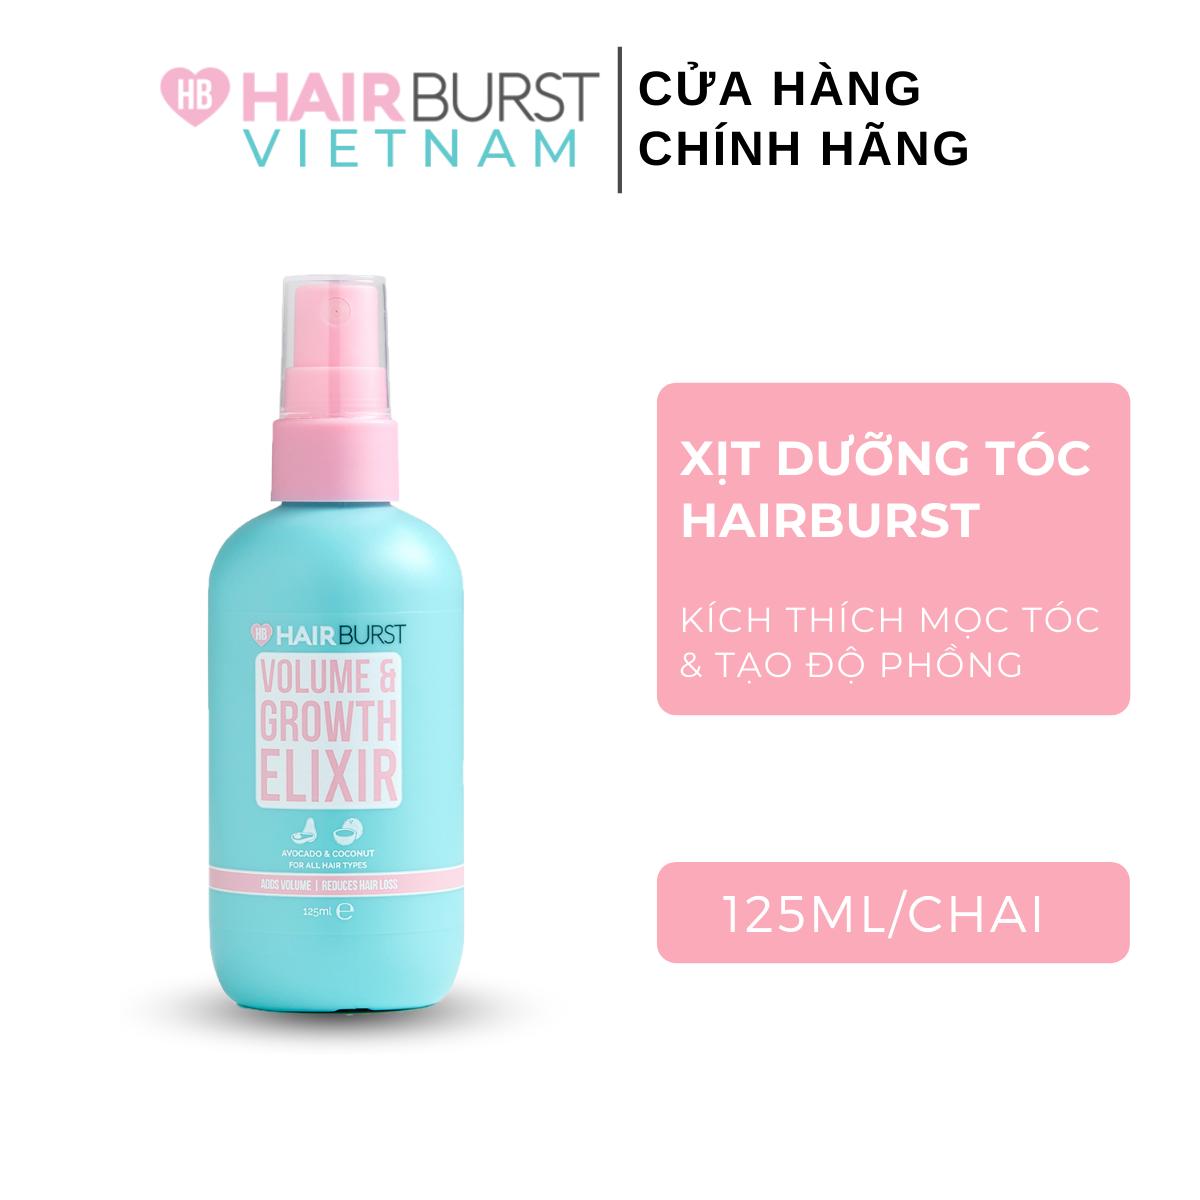 Xịt Dưỡng Tóc Hairburst Volume and Growth Elixir Tạo Độ Phồng Và Kích Thích Mọc Tóc 125ml